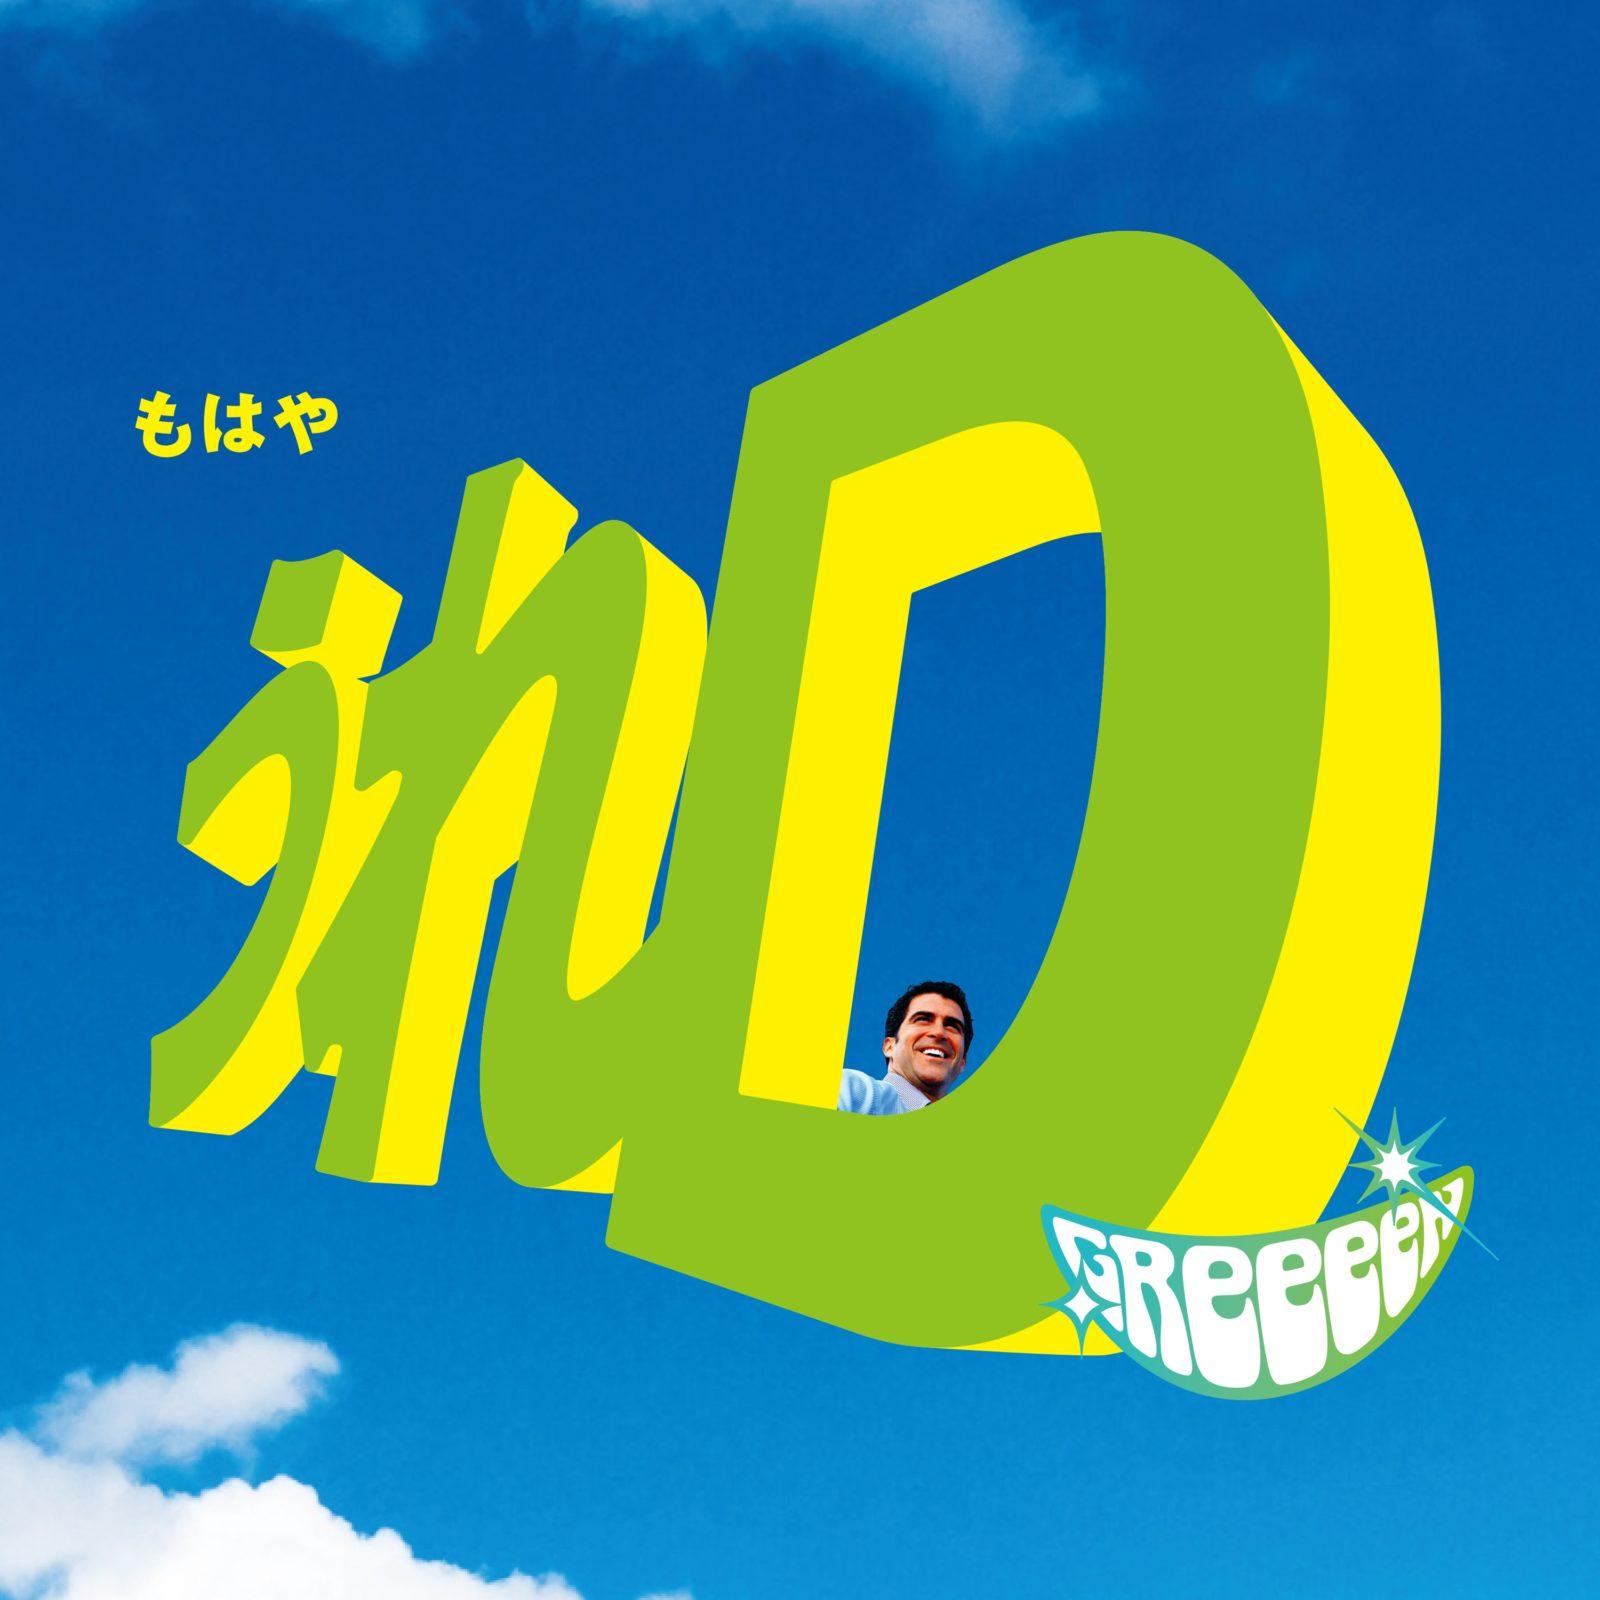 GReeeeN ニューアルバム『うれD』を語るメンバー・セルフライナーノーツ公開サムネイル画像